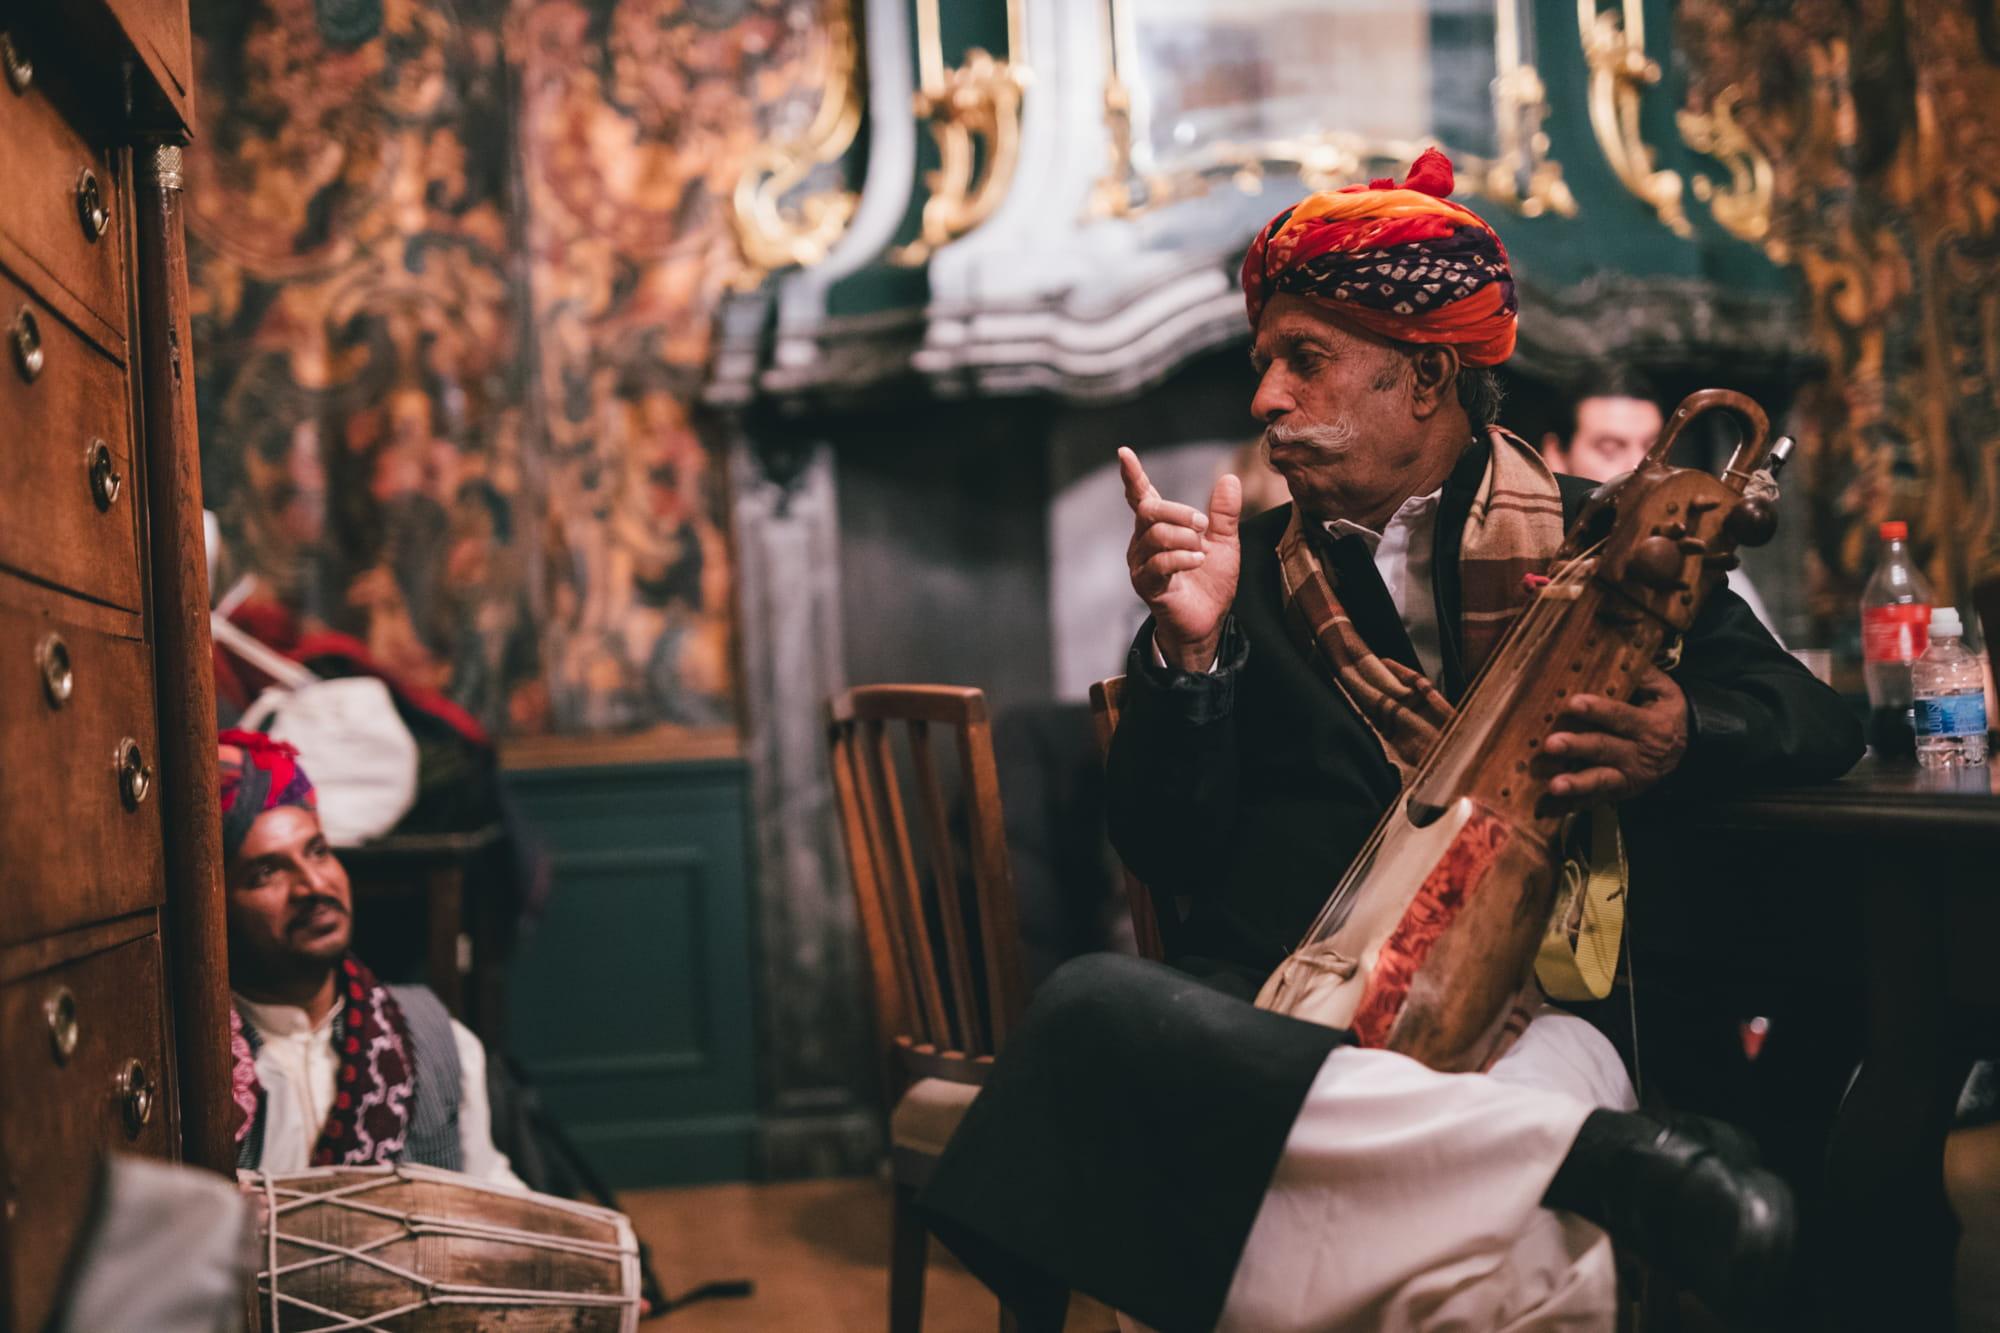 """Лакха Кхан, індыйскі аўтэнтычны музыка і казачнік, за кулісамі на фестывалі """"Le Guess Who?"""" (фота Мелані Марсман)."""